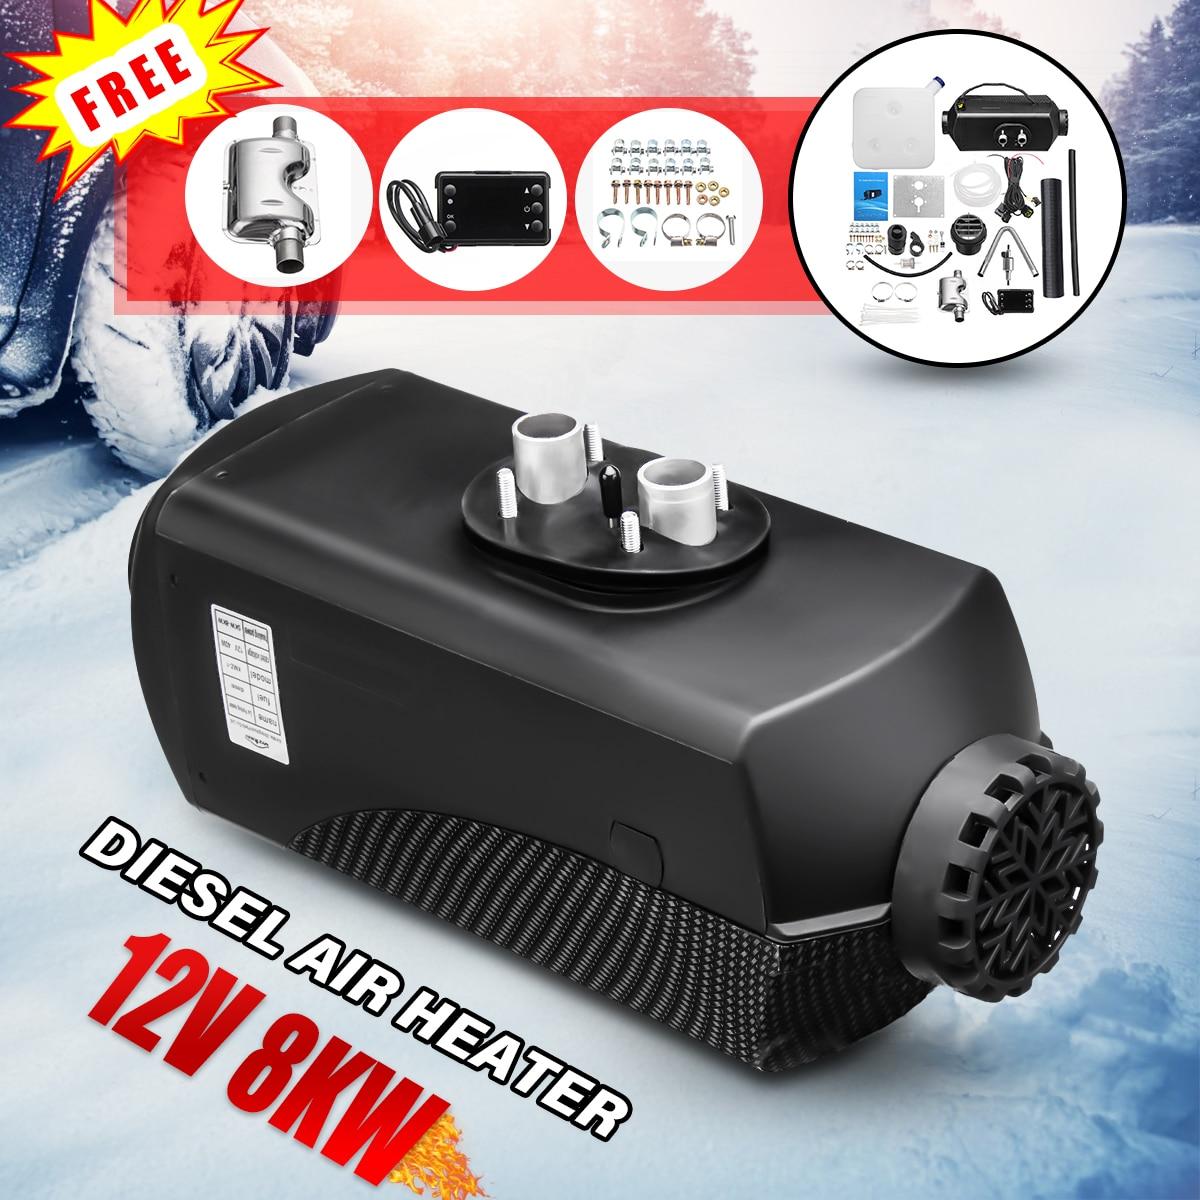 12V 8000W 8KW LCD moniteur Air Diesels chauffage de voiture chauffage planaire w/silencieux pour RV voiture camion moteur maison bateau Bus camping-Car